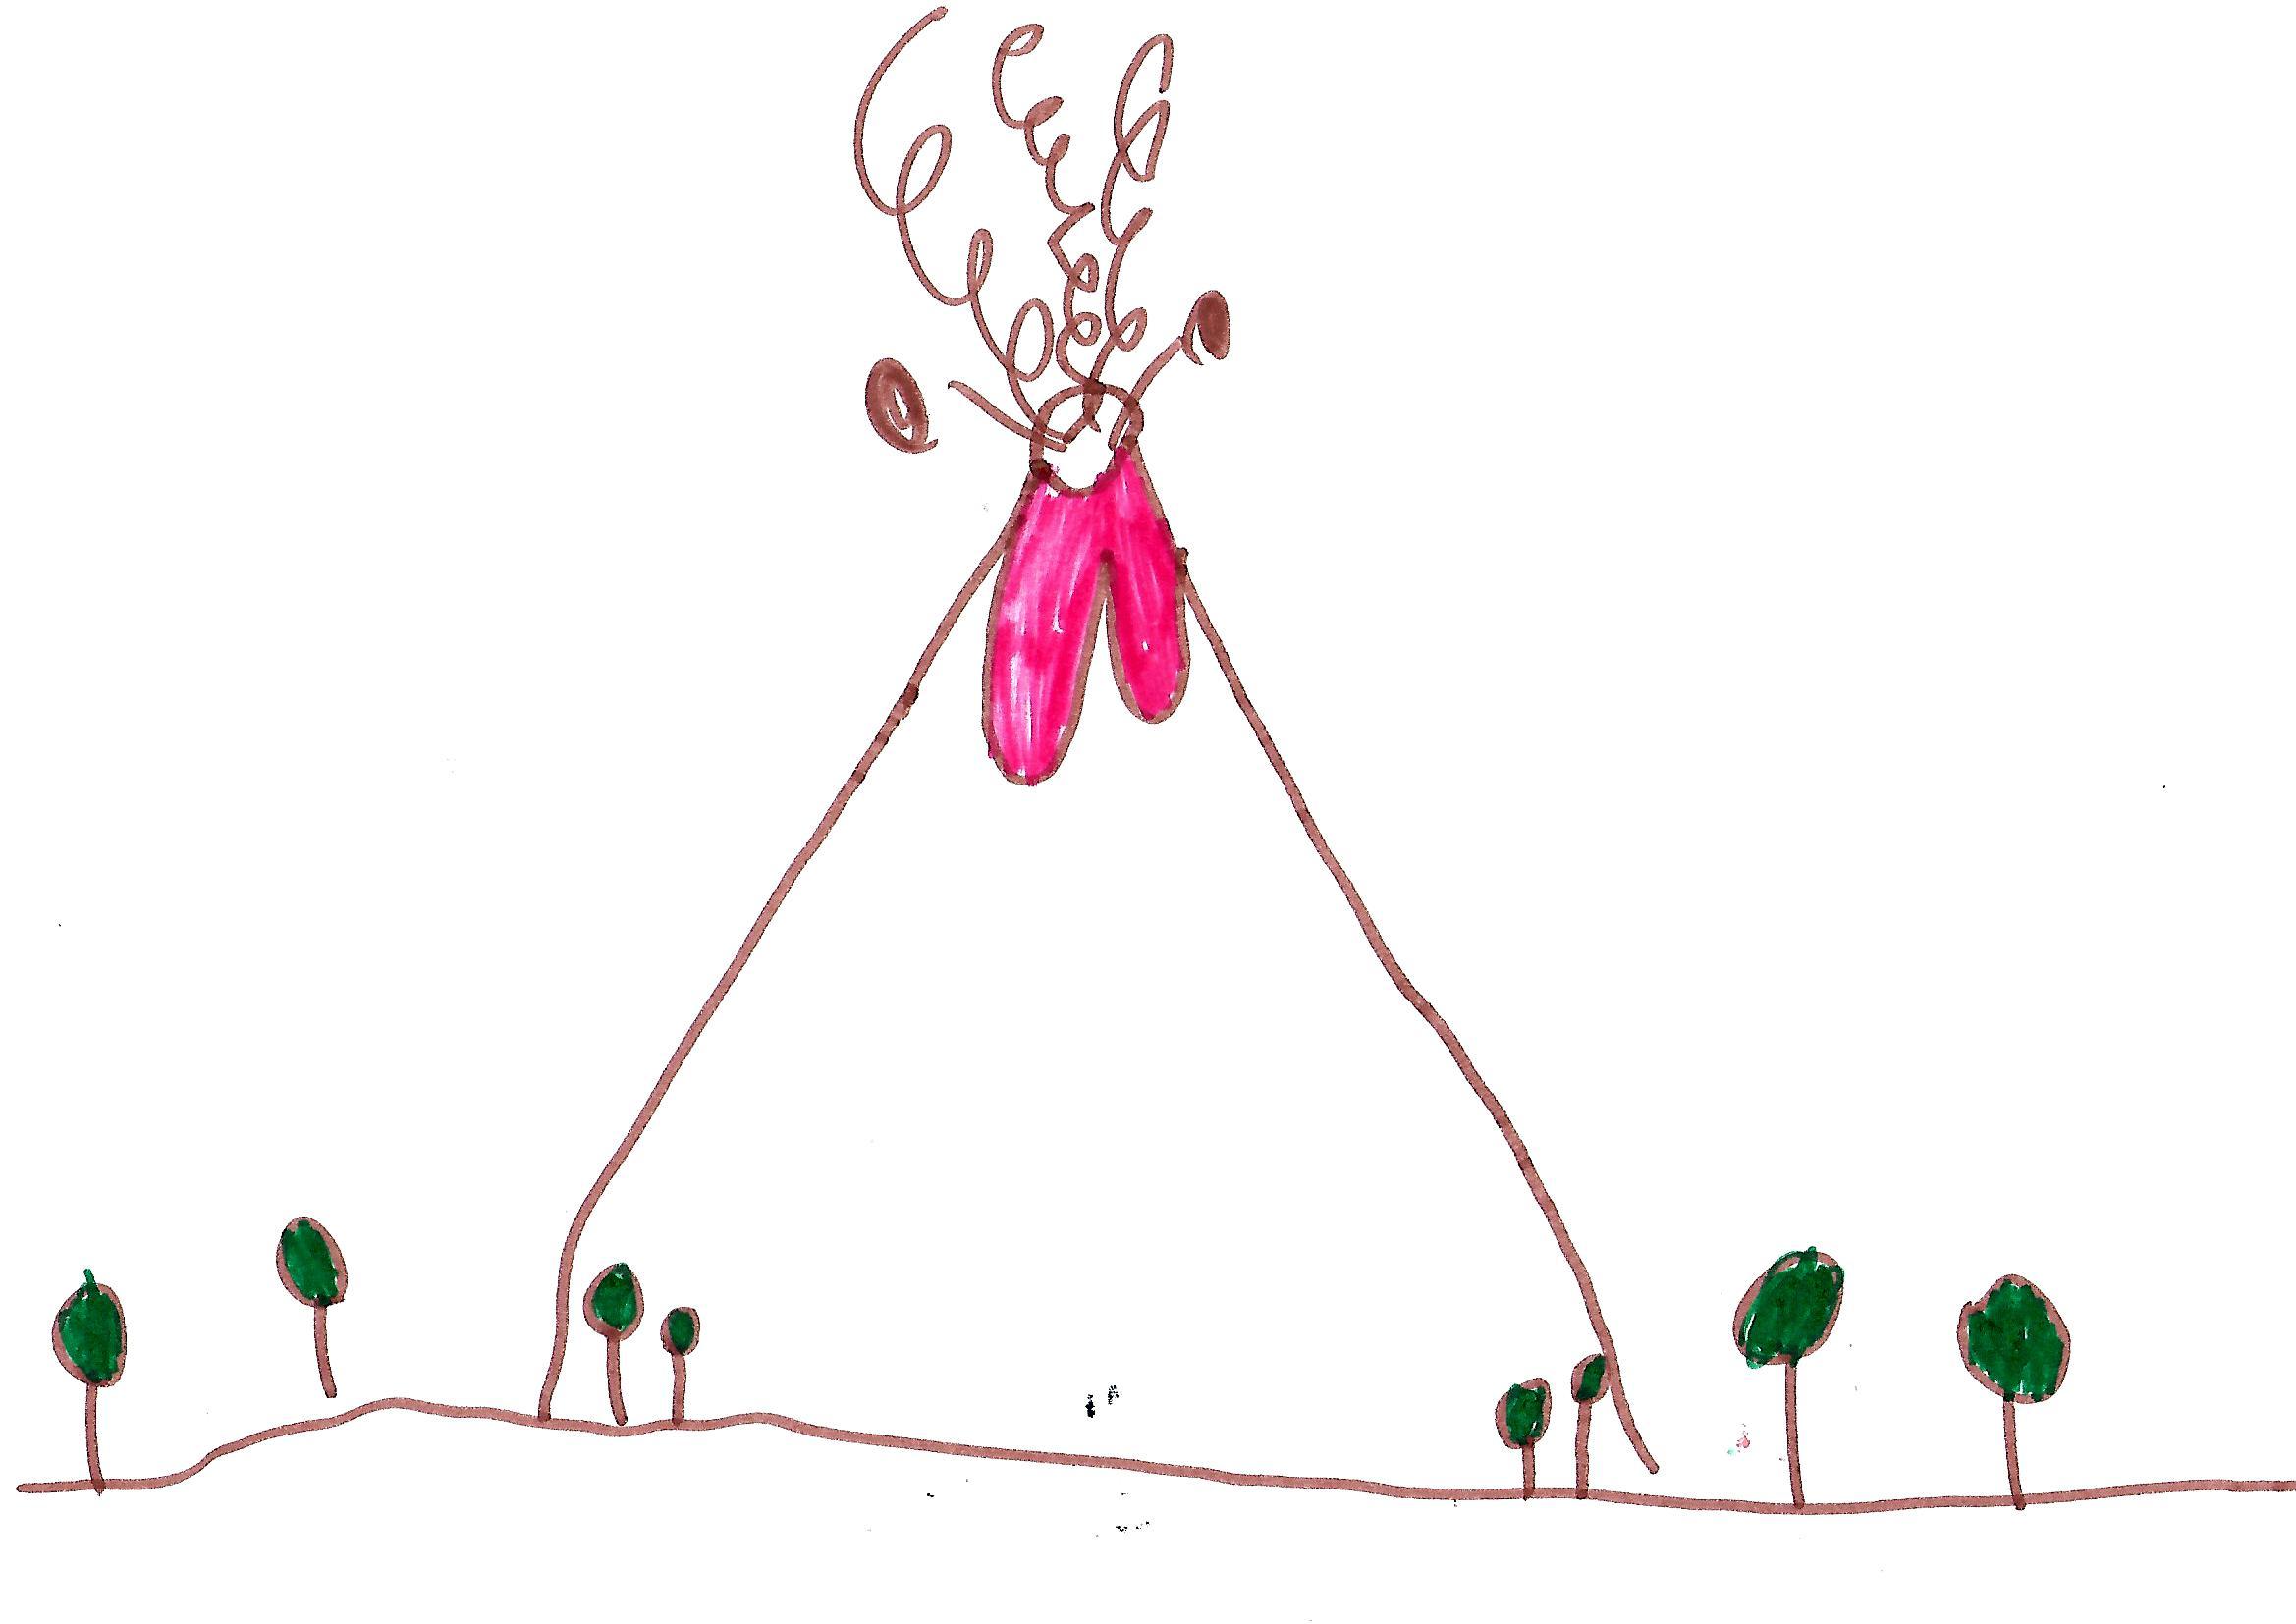 Vulcani Disegni: Disegni Bambini Vulcano In Eruzione